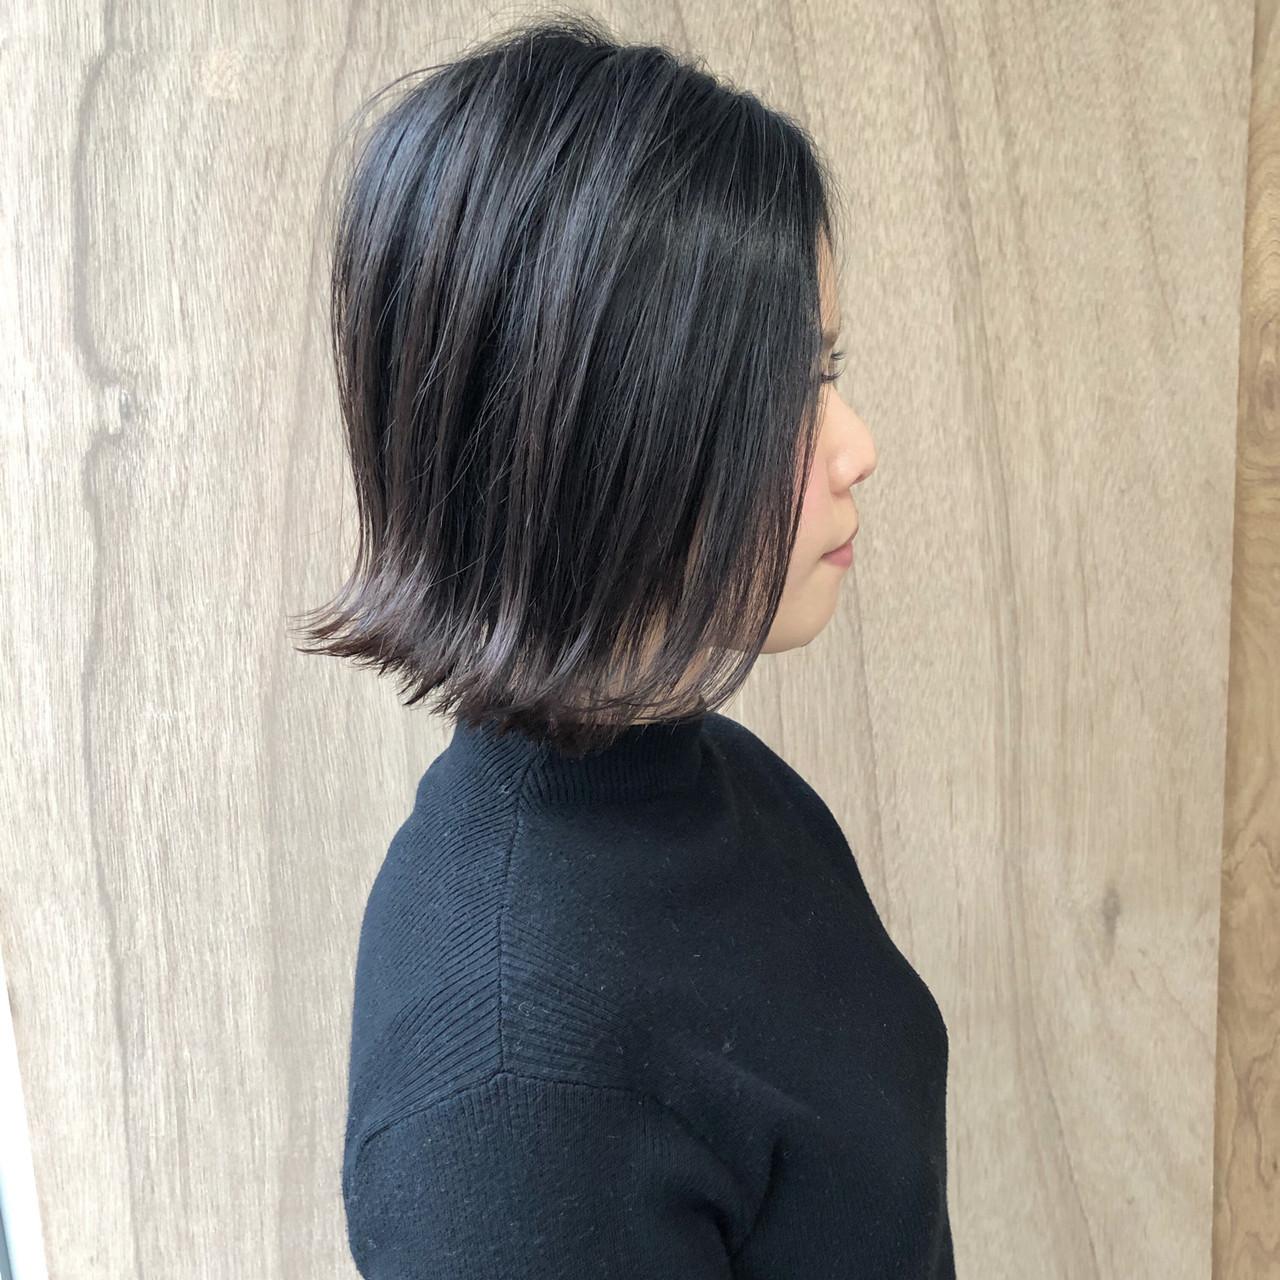 毛先外ハネでつくる旬顔ショートボブアレンジ 松井勇樹